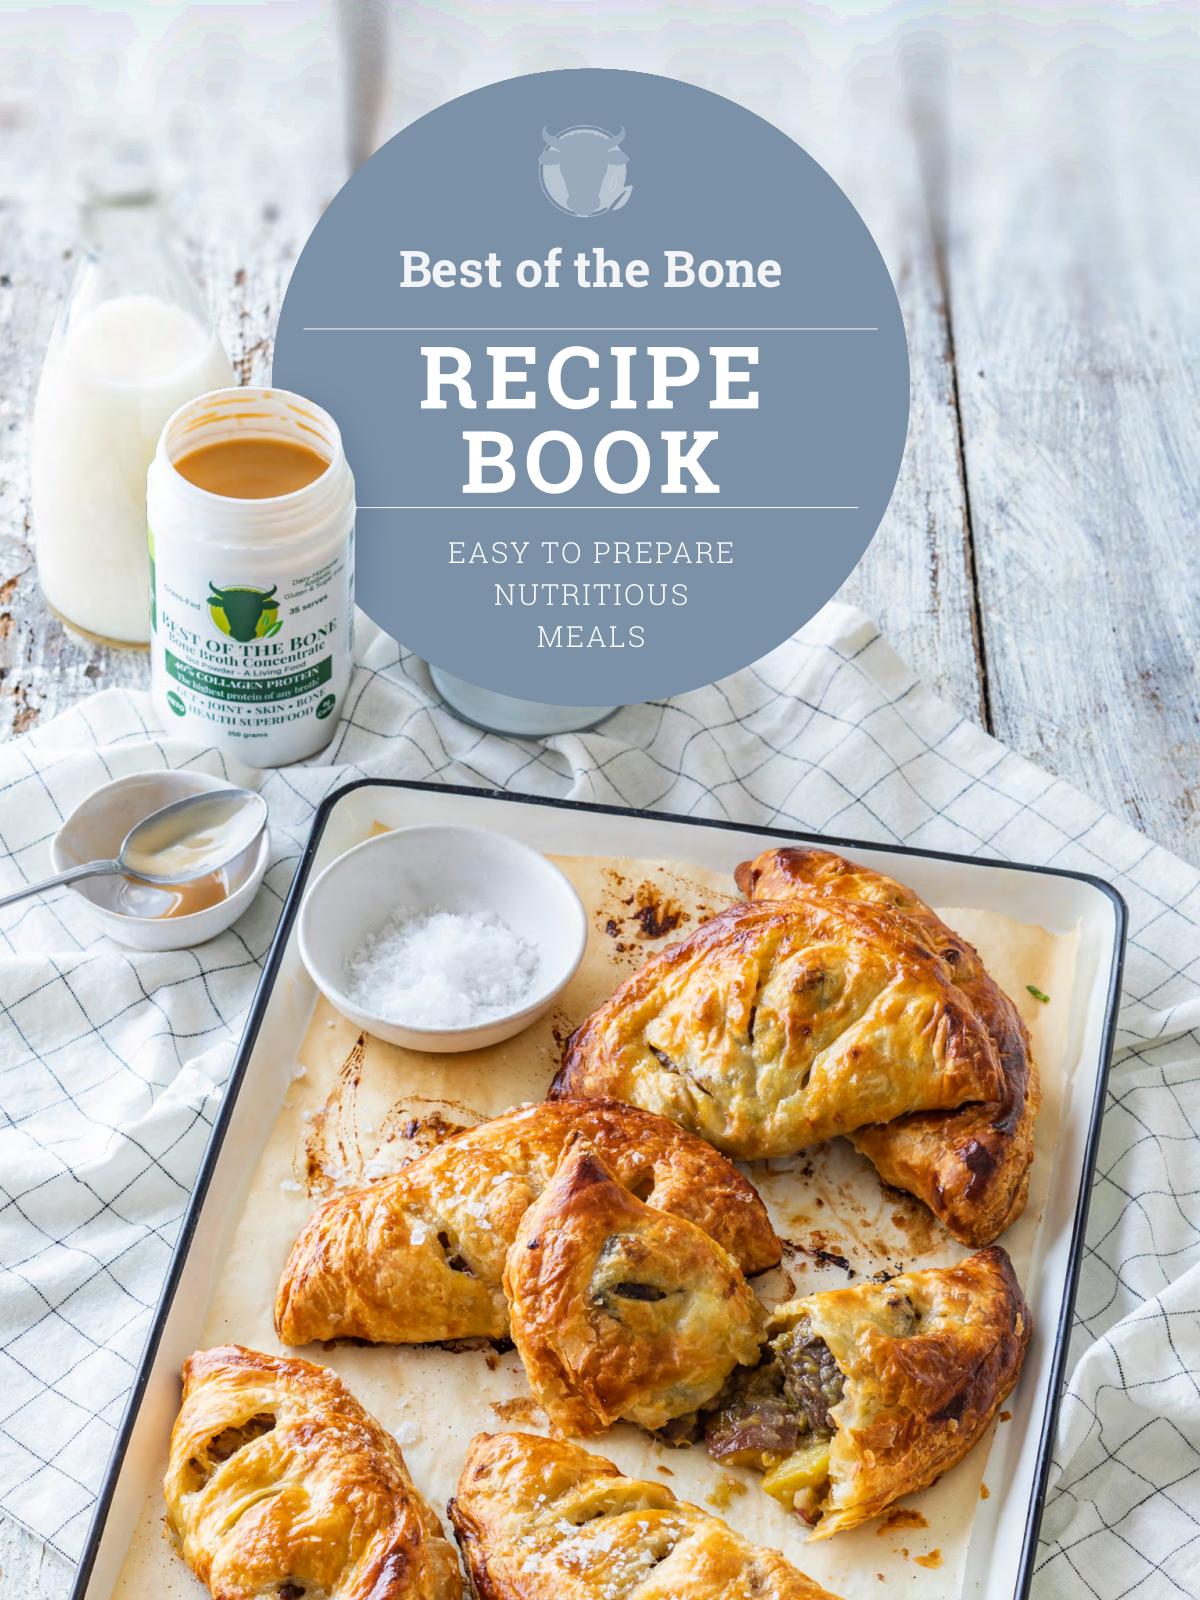 Recipe book cover and interior design